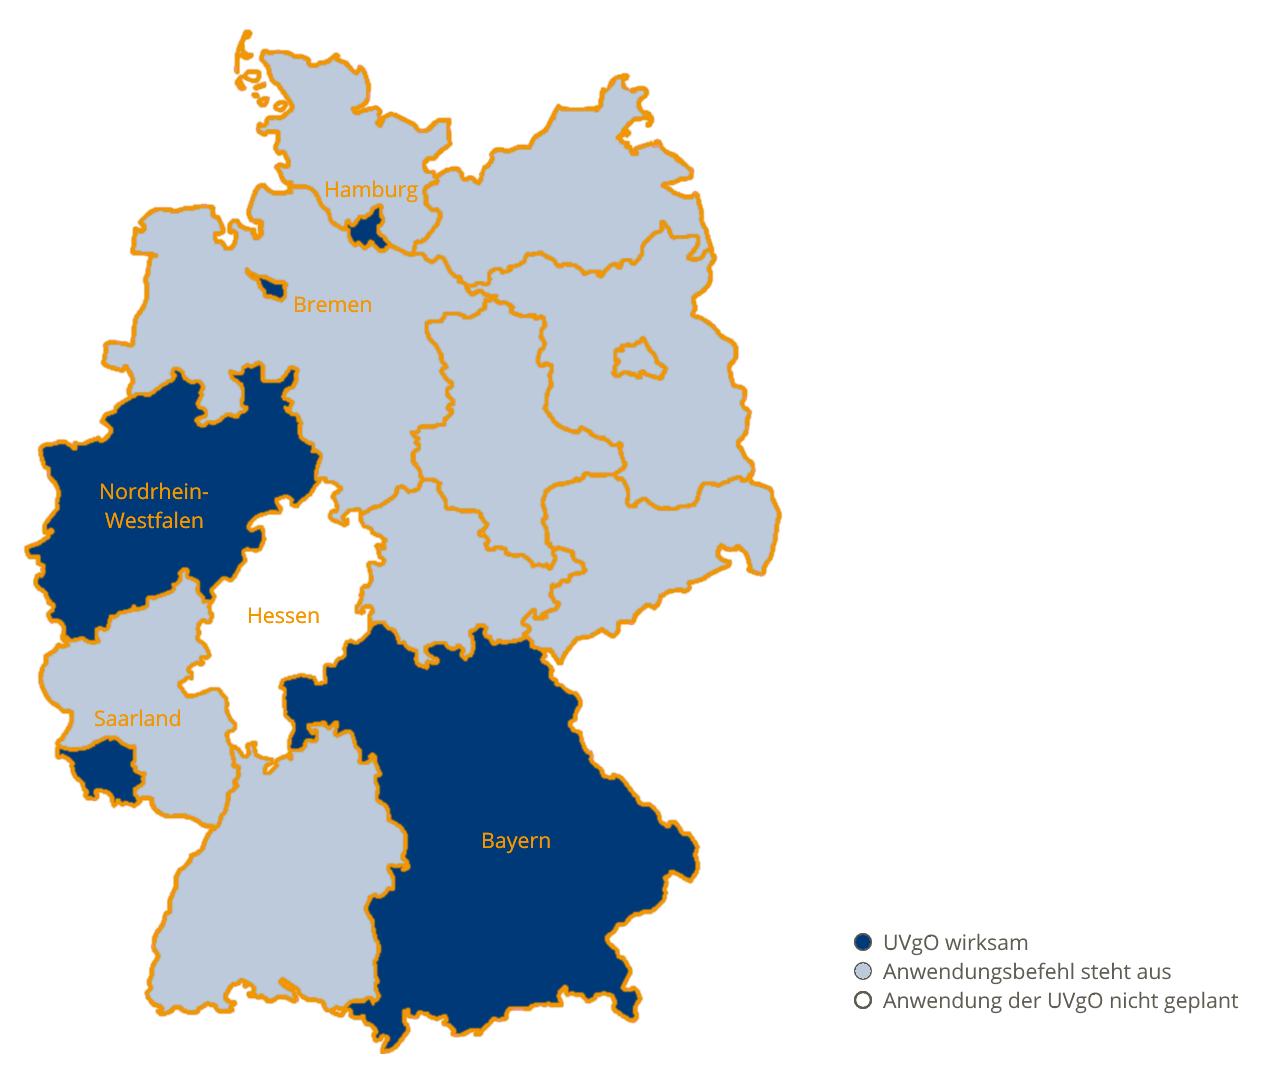 Landkarte Übersicht zur UVgO in Deutschland Juni 2018